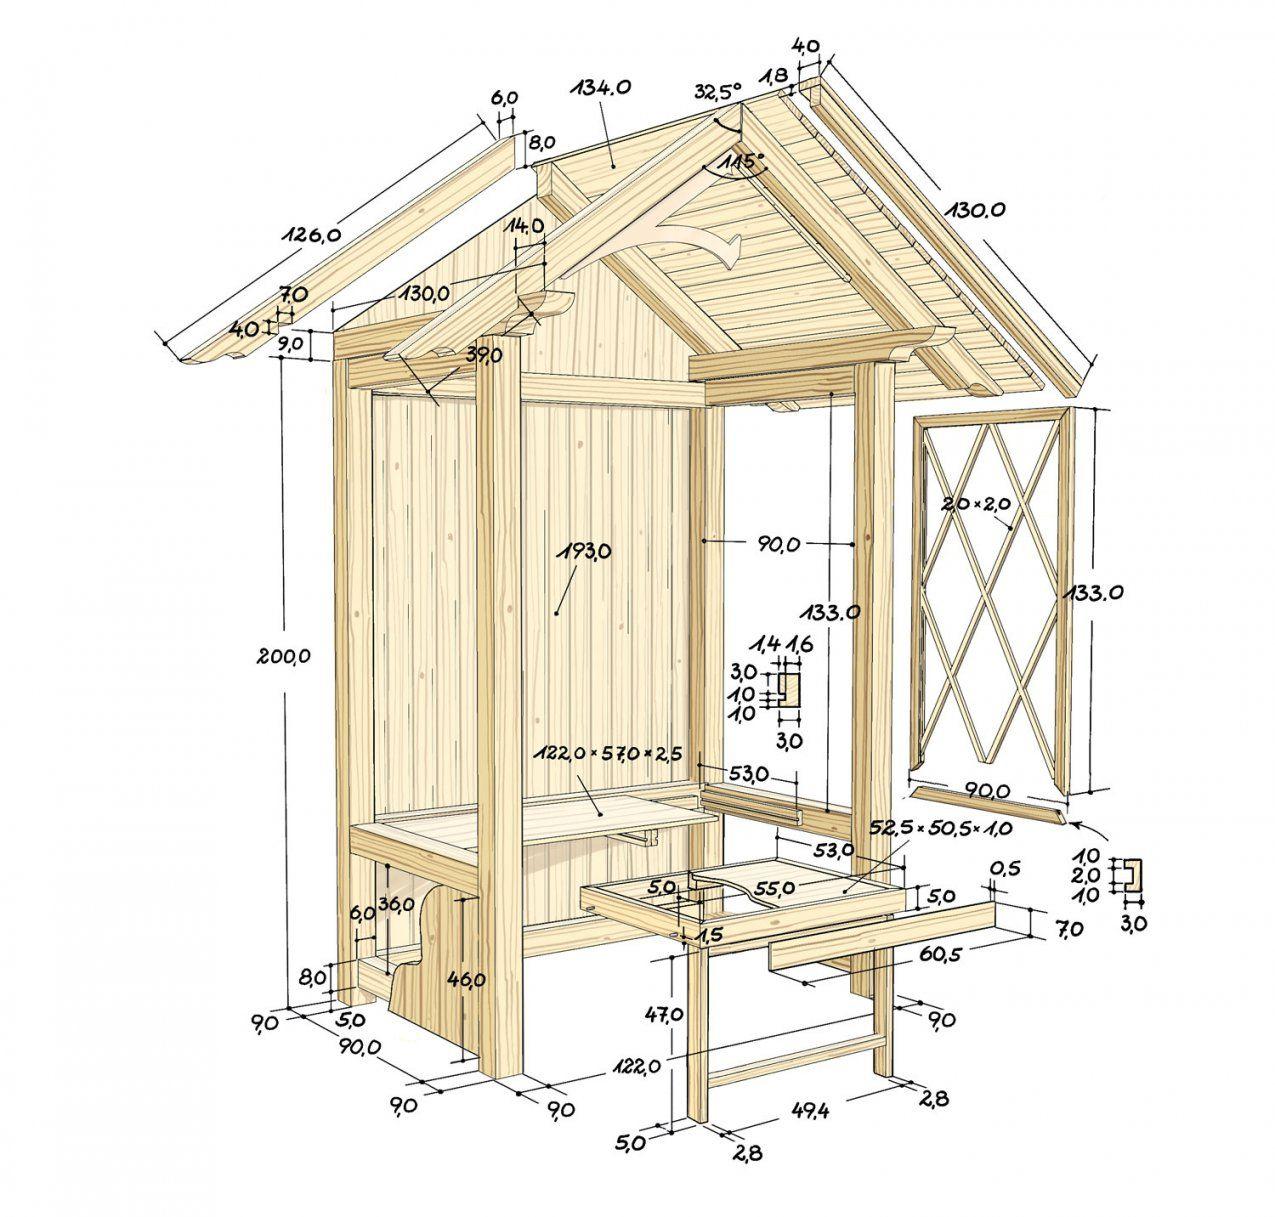 Eine Gartenlaube Zum Wohlfühlen  Selber Machen Heimwerkermagazin von Grillhütte Selber Bauen Anleitung Bild